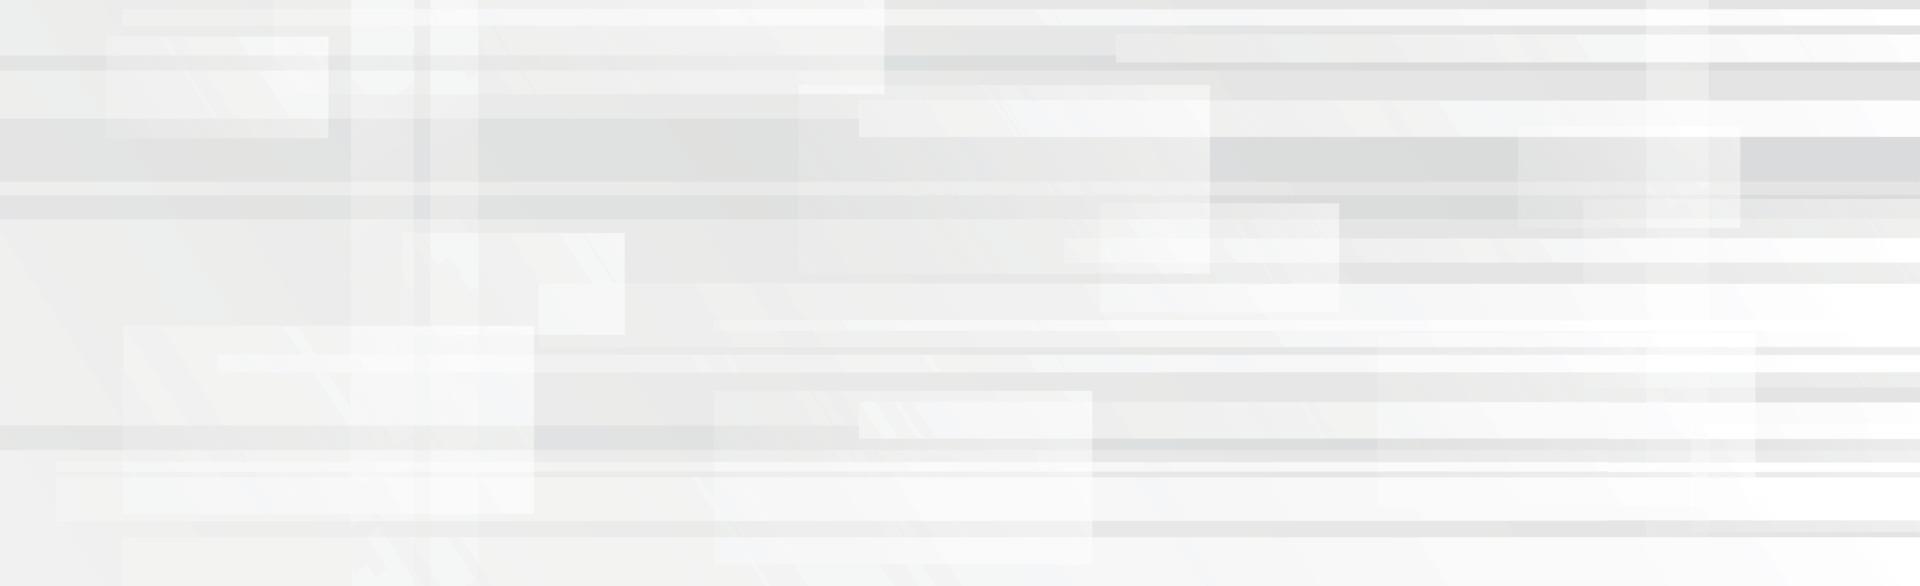 Fondo panorámico de vector blanco con líneas y cuadros